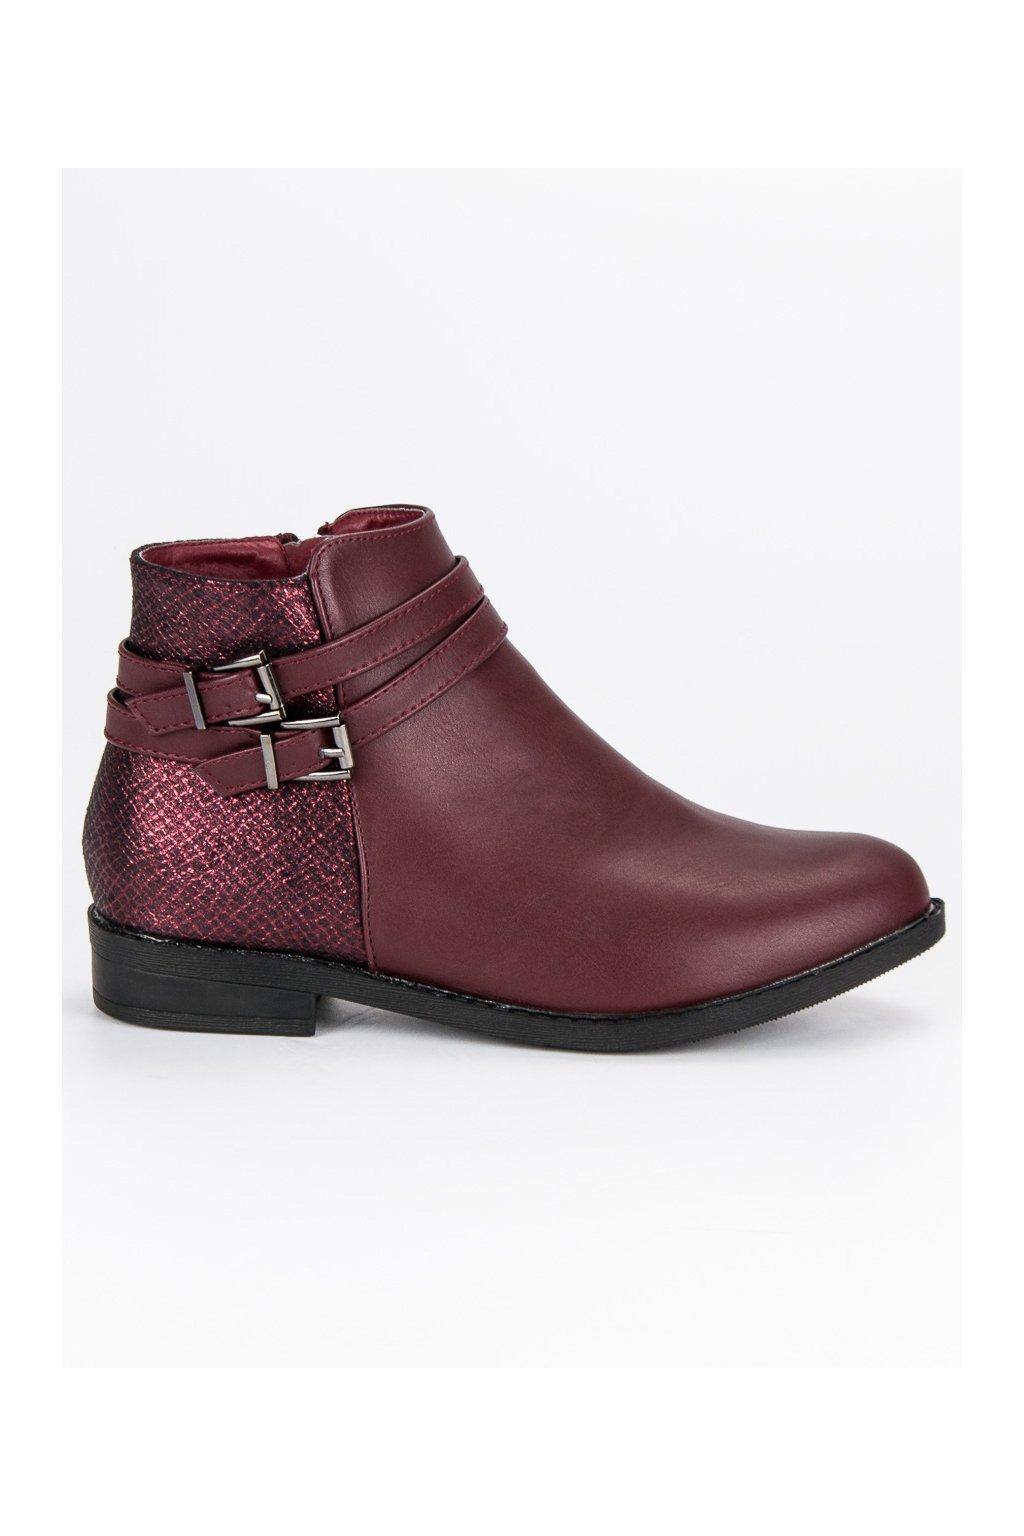 099dec5c6bce Červené topánky s prackou na nízkom opätku Anesia Paris